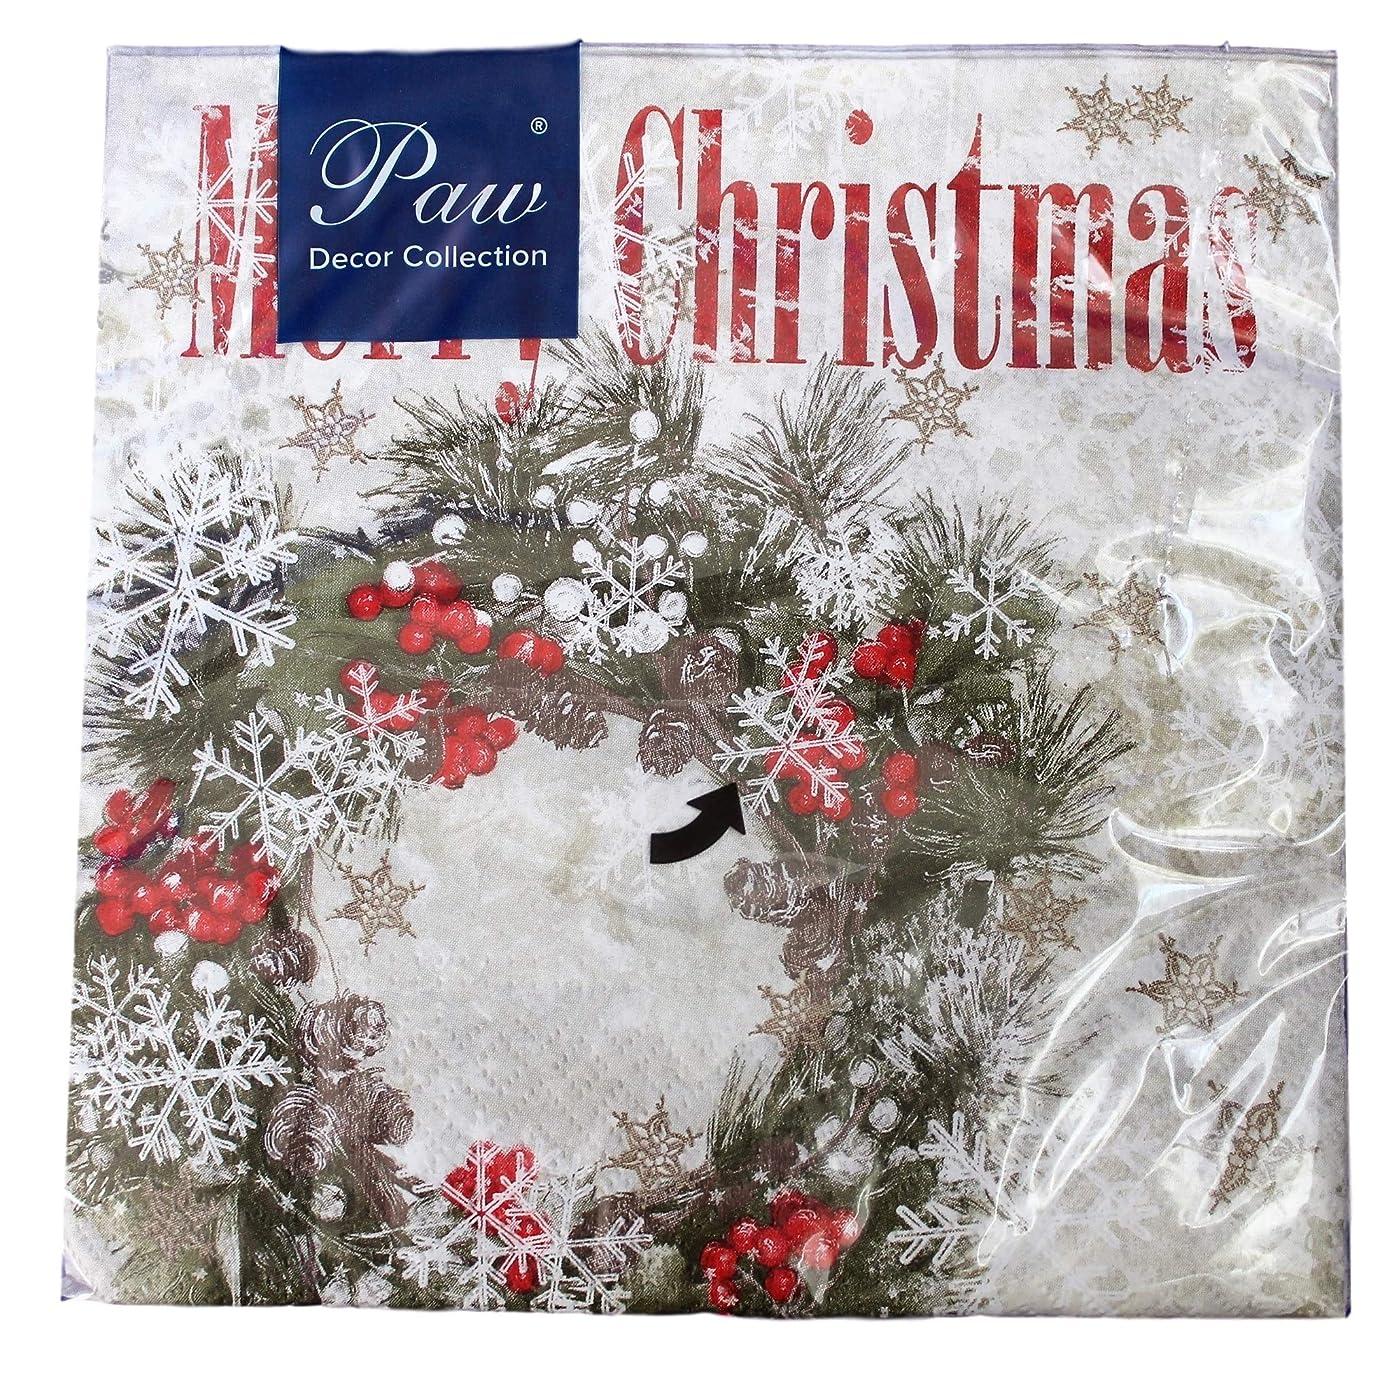 ライオン民主主義すべきPAW ポーランド製 ペーパーナプキン クリスマスバージョン 33×33cm SDL057600